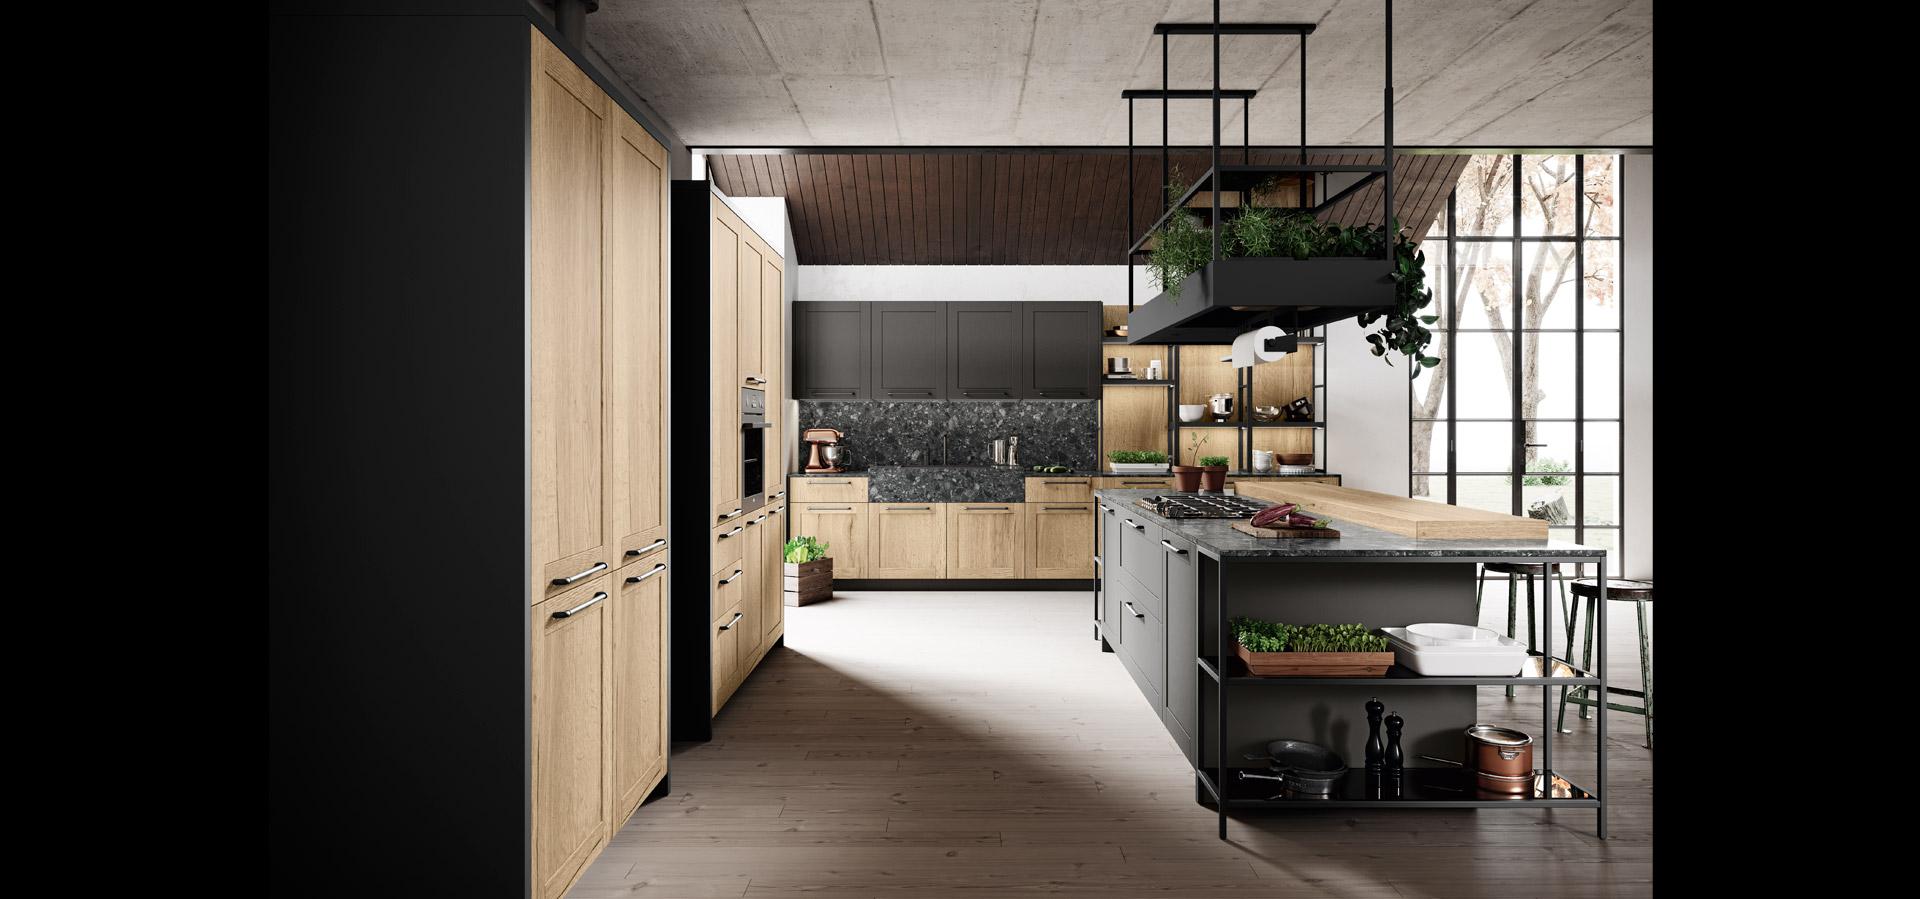 Cucina industrial con dettagli vintage | Medea | MITON Cucine